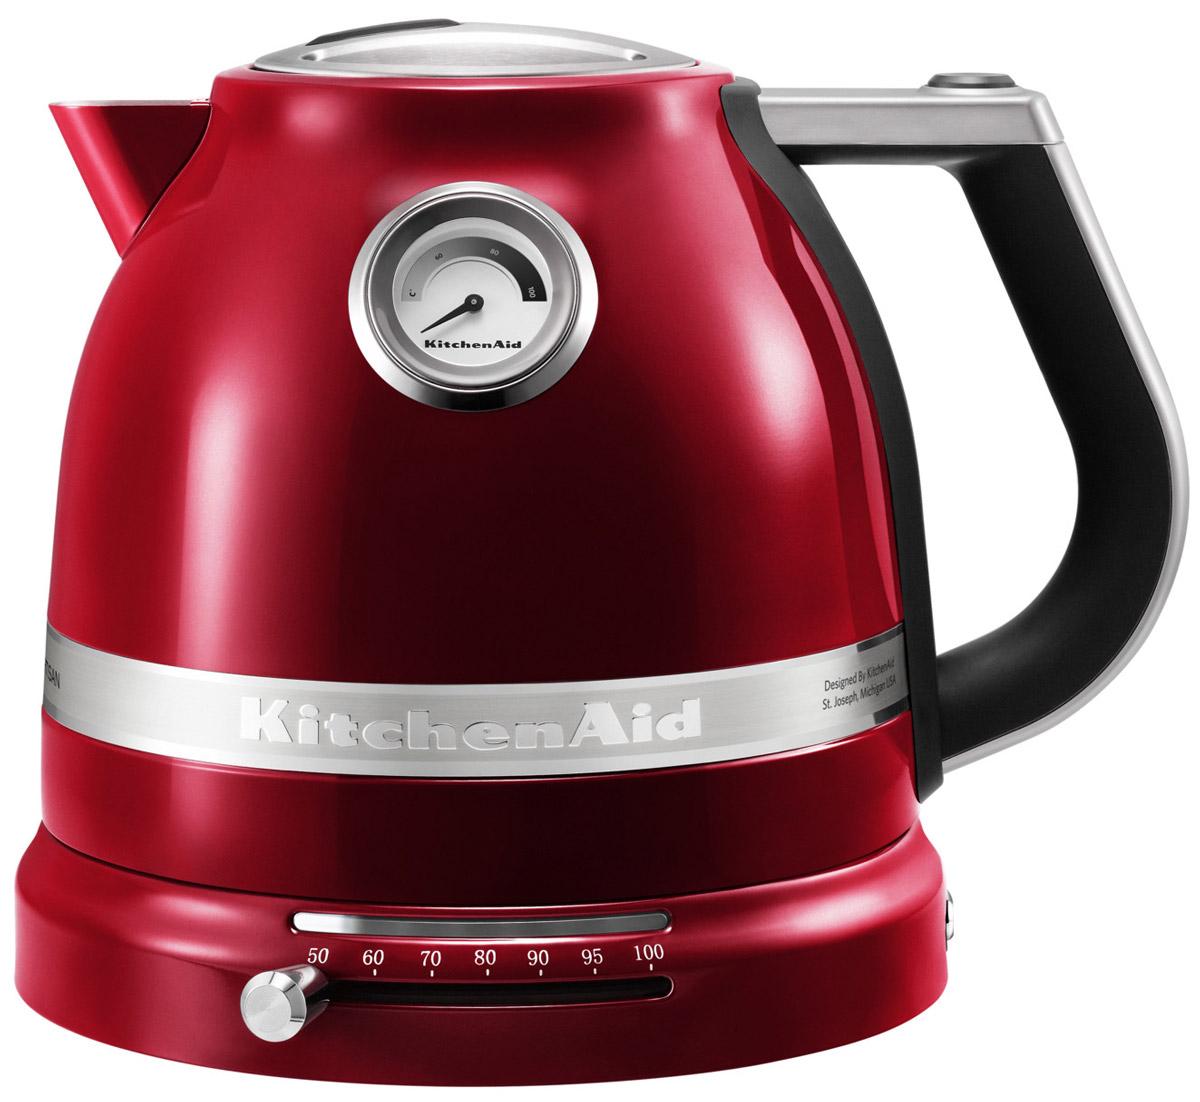 KitchenAid Artisan (5KEK1522ECA), Red Caramel электрочайник5KEK1522ECA Red CaramelЭлектрический чайник KitchenAid ARTISAN объемом 1,5 литра - это новое слово в бытовой технике. Великолепные формы, эргономичность и элегантность - лучший образец, который обязательно должен быть на любой кухне. Выпить чашку чая с KitchenAid ARTISAN - это доставить себе истинное наслаждение и удовольствие.Ценители чайного напитка прекрасно знают, что каждый вид чая требует своей температуры воды. Но добиться нужного нагрева с обычной моделью было невероятно сложно. Теперь все изменилось: с двустенным электрическим чайником KitchenAid ARTISAN объемом 1,5 литра вы можете:выбирать нужную температуру нагрева от 50 до 100 градусов;поддерживать воду горячей в течение всей чайной церемонии;видеть температуру воды даже тогда, когда чайник не стоит на своей платформе;не ждать любимого напитка дольше положенного - этот прибор нагревает воду моментально.